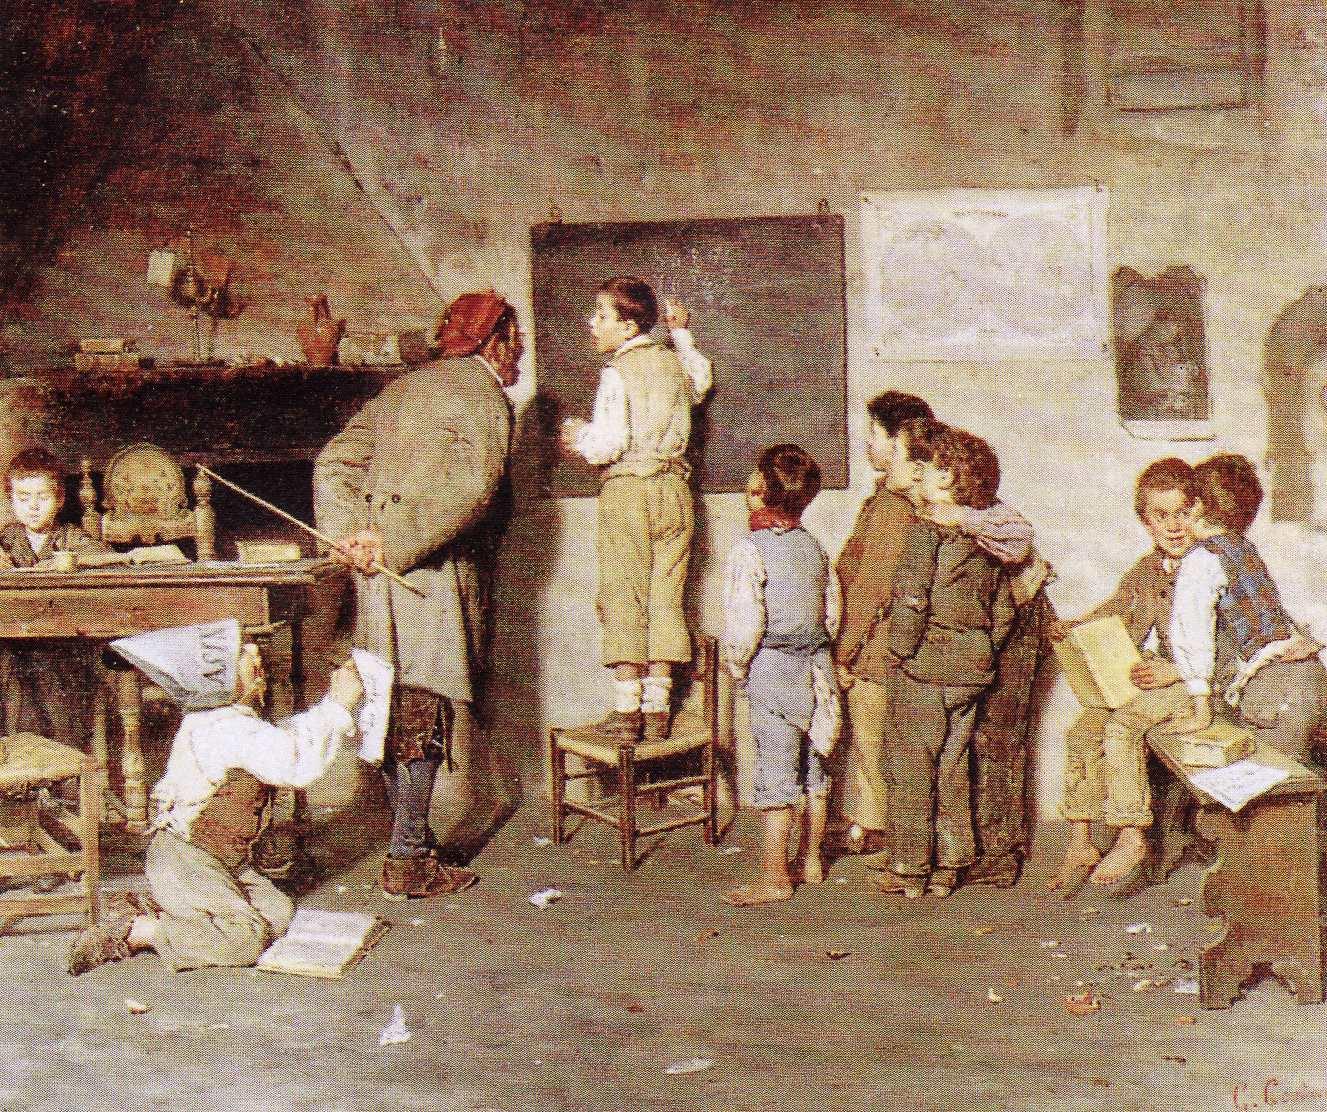 G. Costantini - La scuola del villaggio. Classi popolari italiane a metà Ottocento.